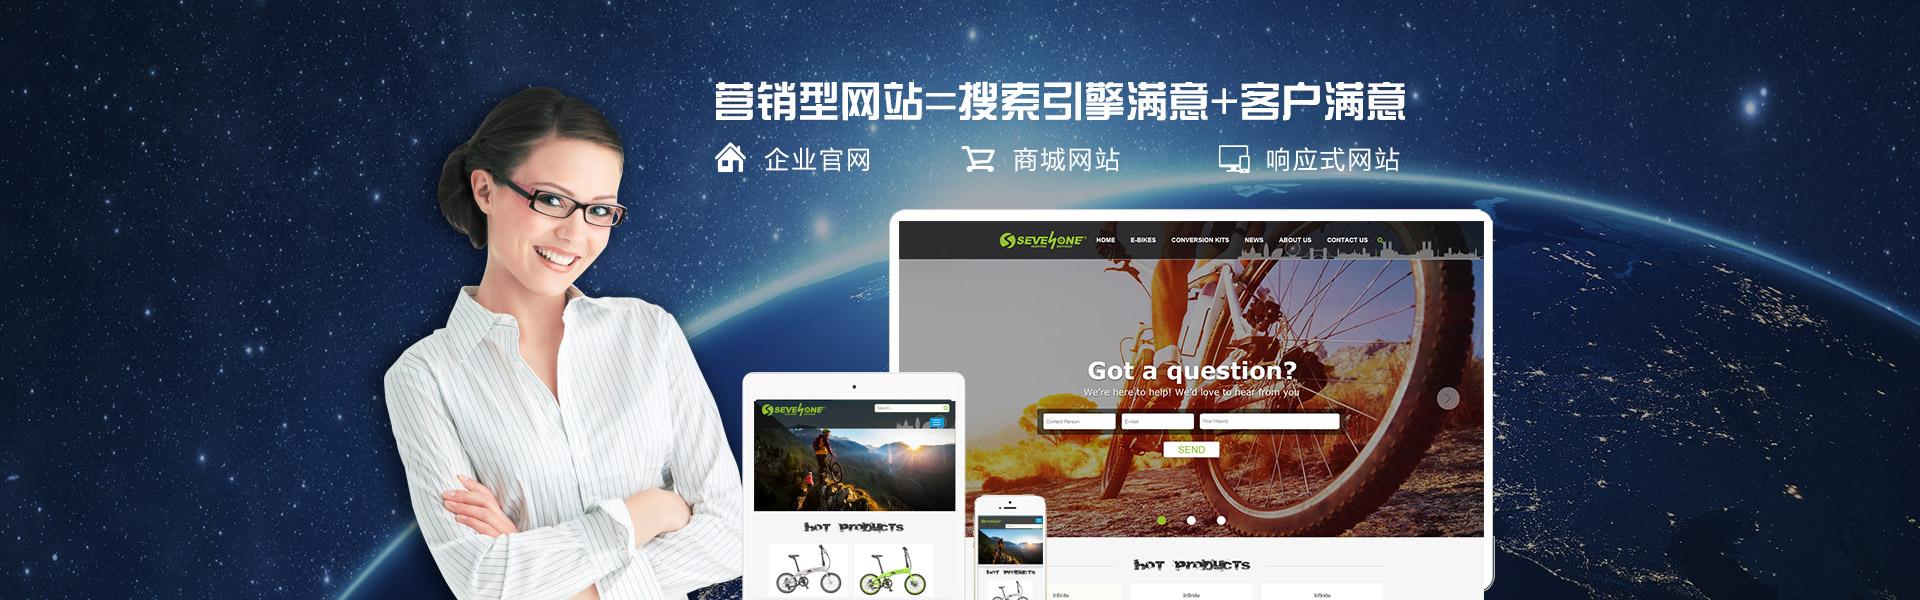 香港瑞诺网络科技有限公司